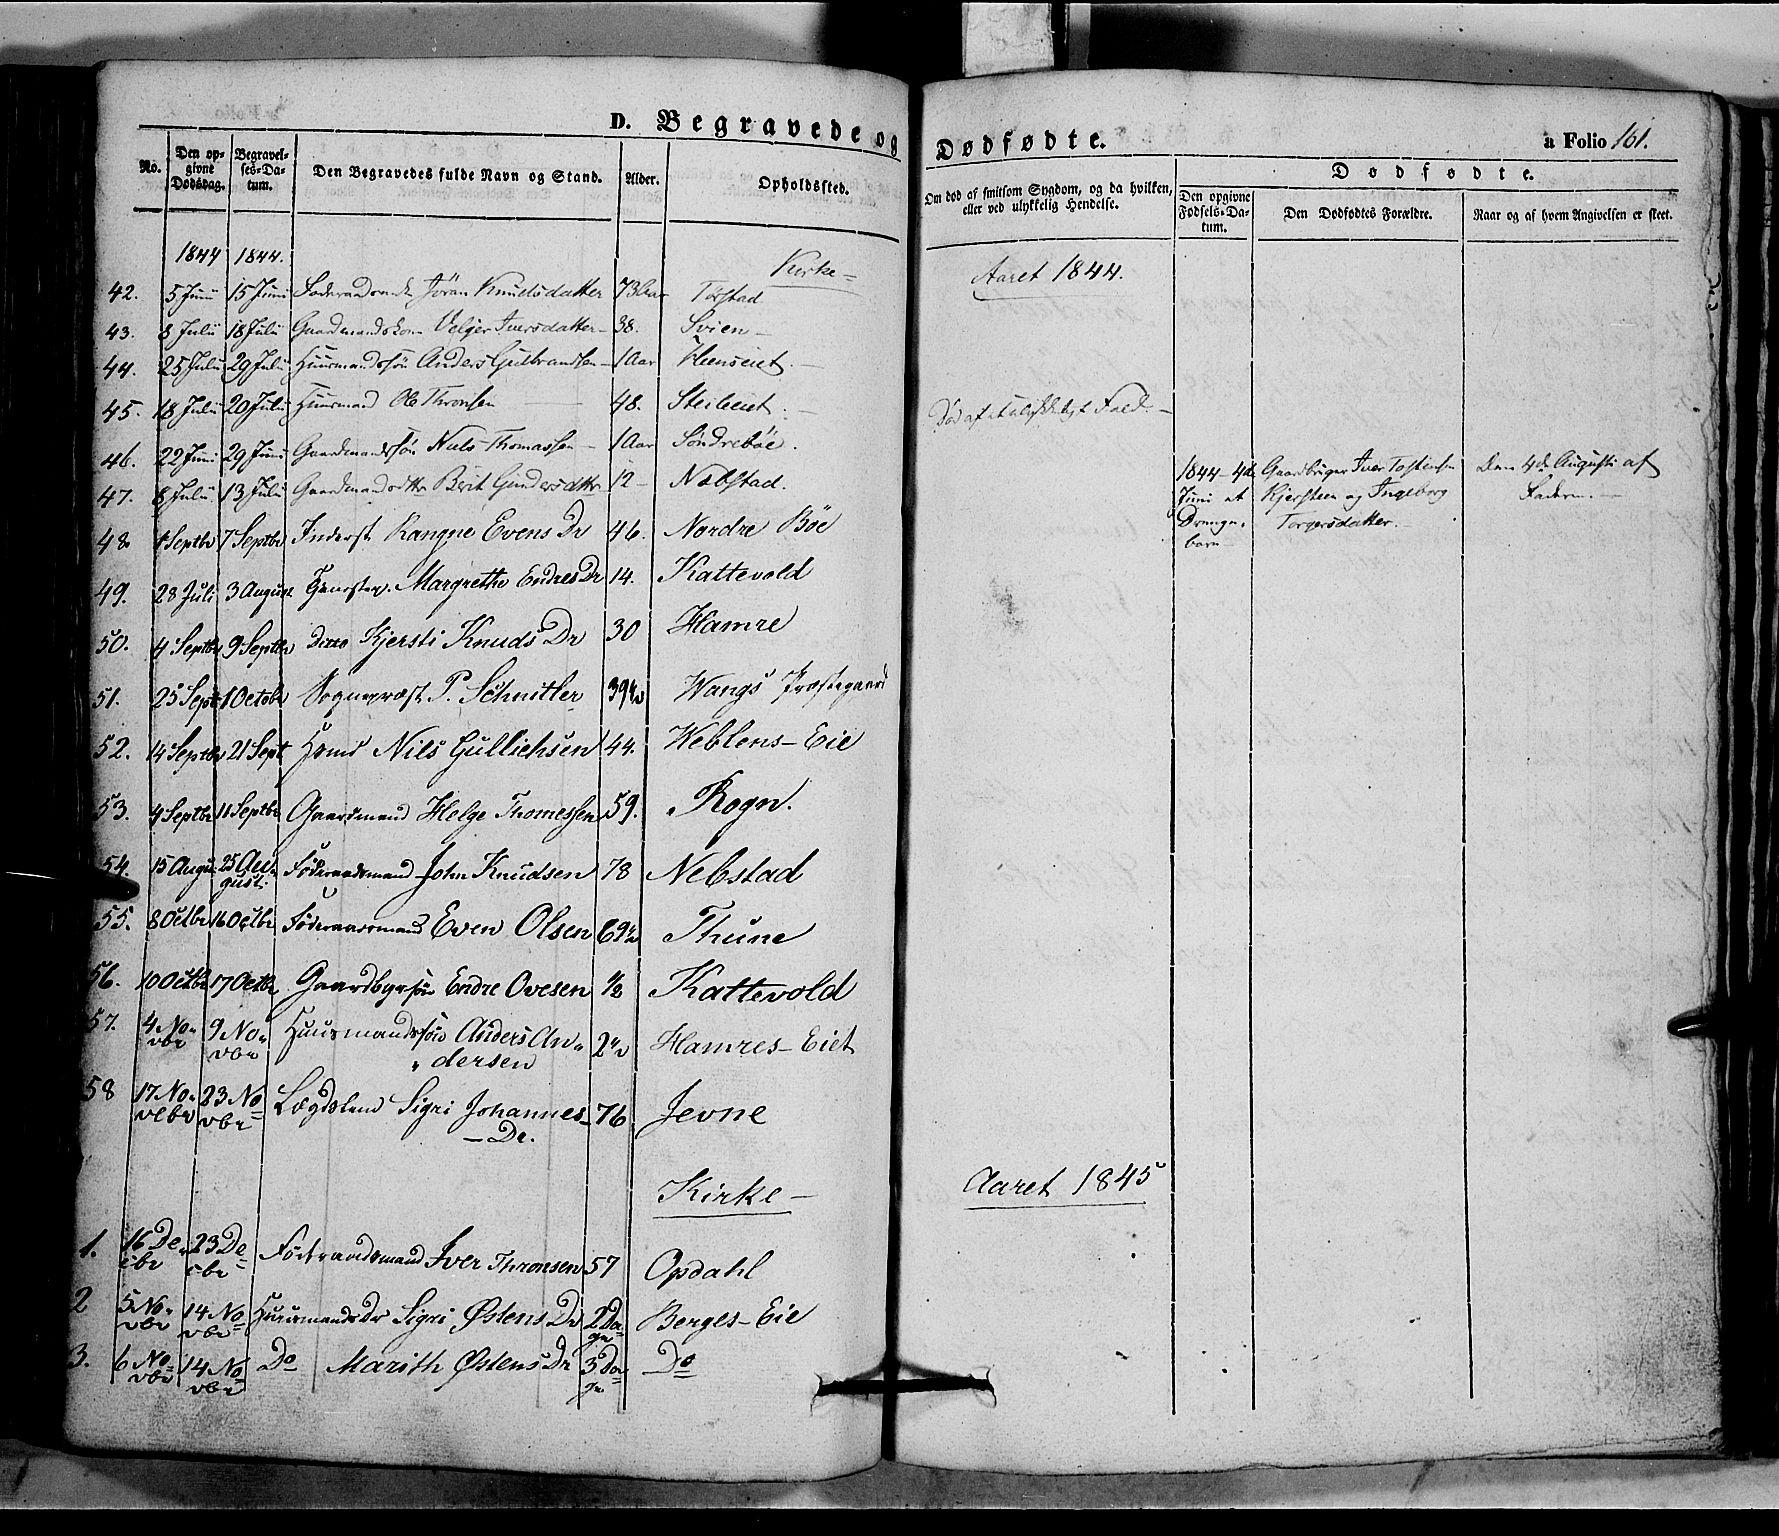 SAH, Vang prestekontor, Valdres, Ministerialbok nr. 5, 1831-1845, s. 161